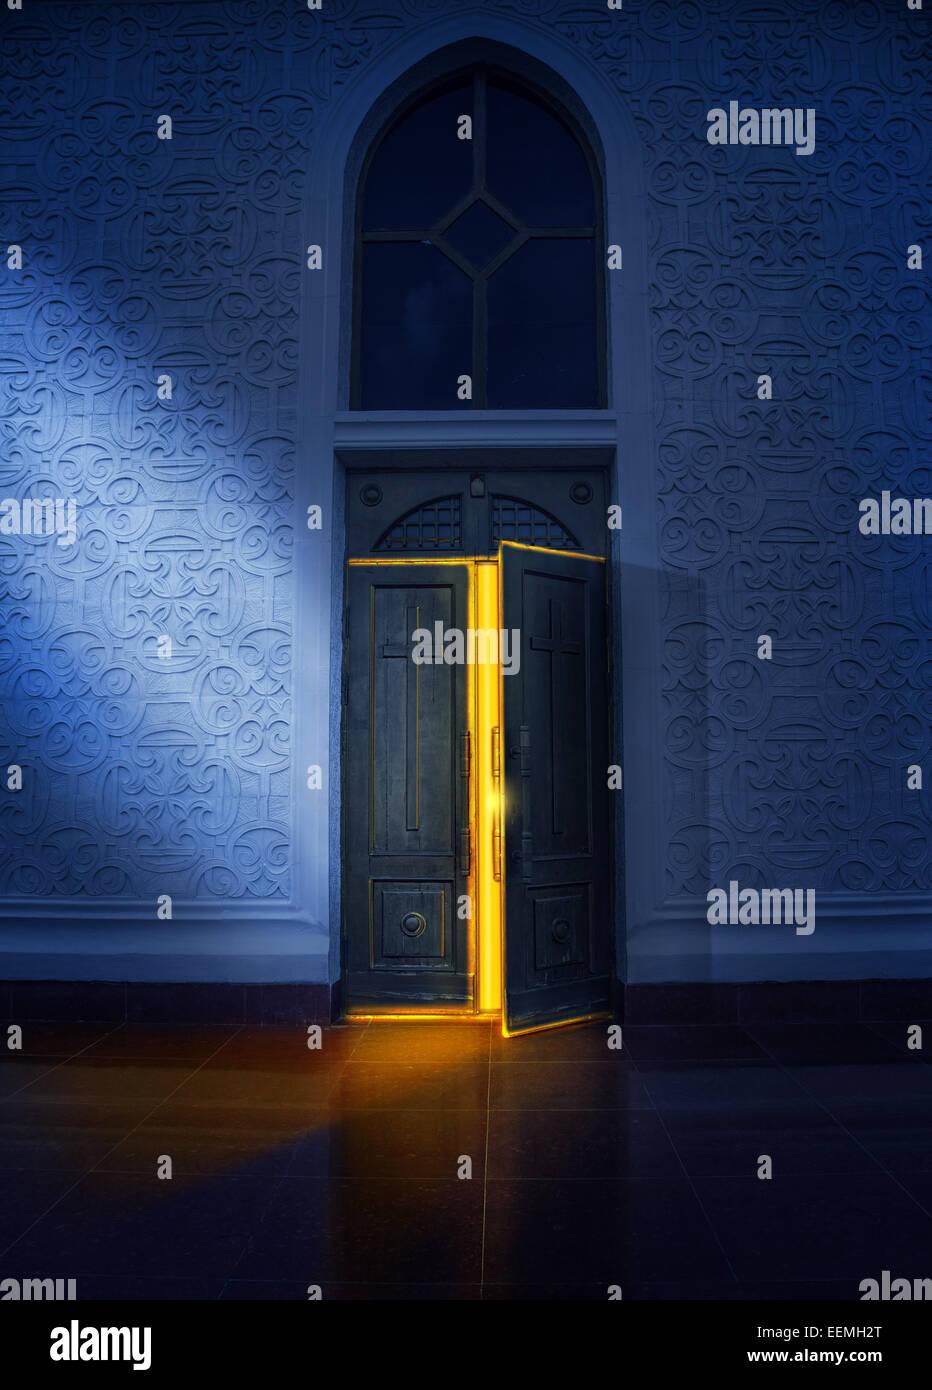 Avec l'ouverture de la porte jaune dans l'église de nuit Photo Stock